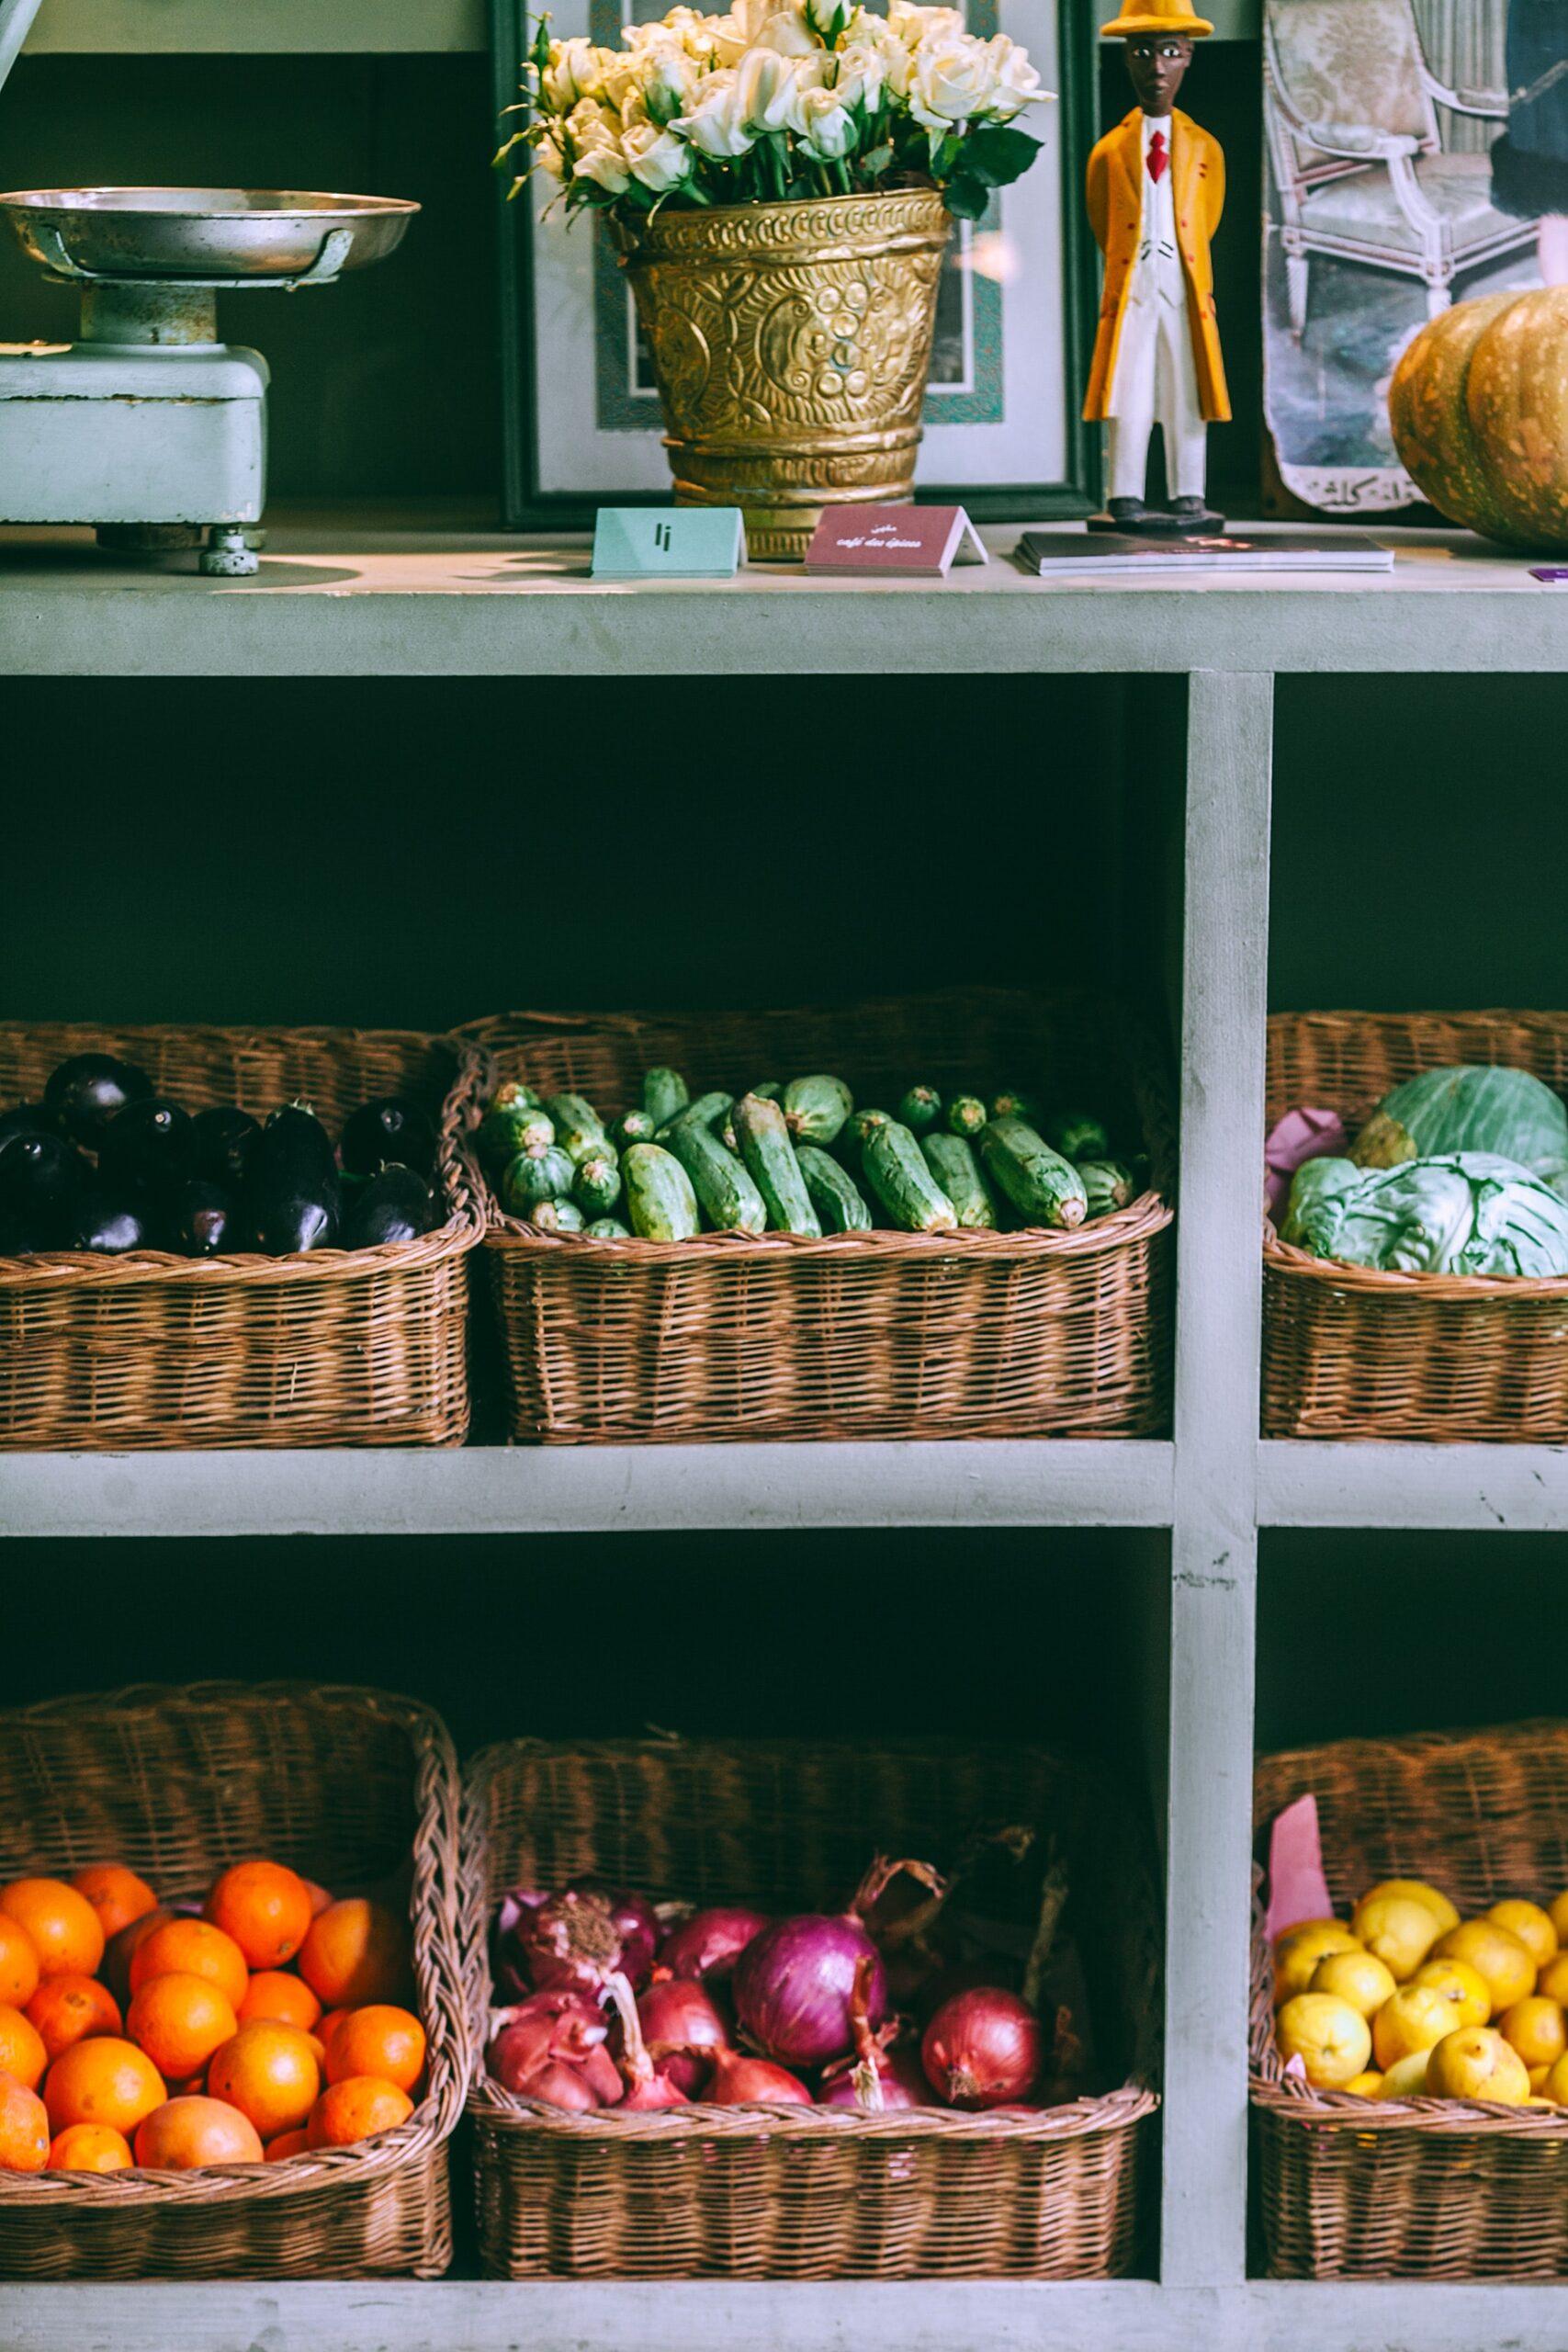 Mercado con verduras variadas contenidas en canastillas sobre estantes